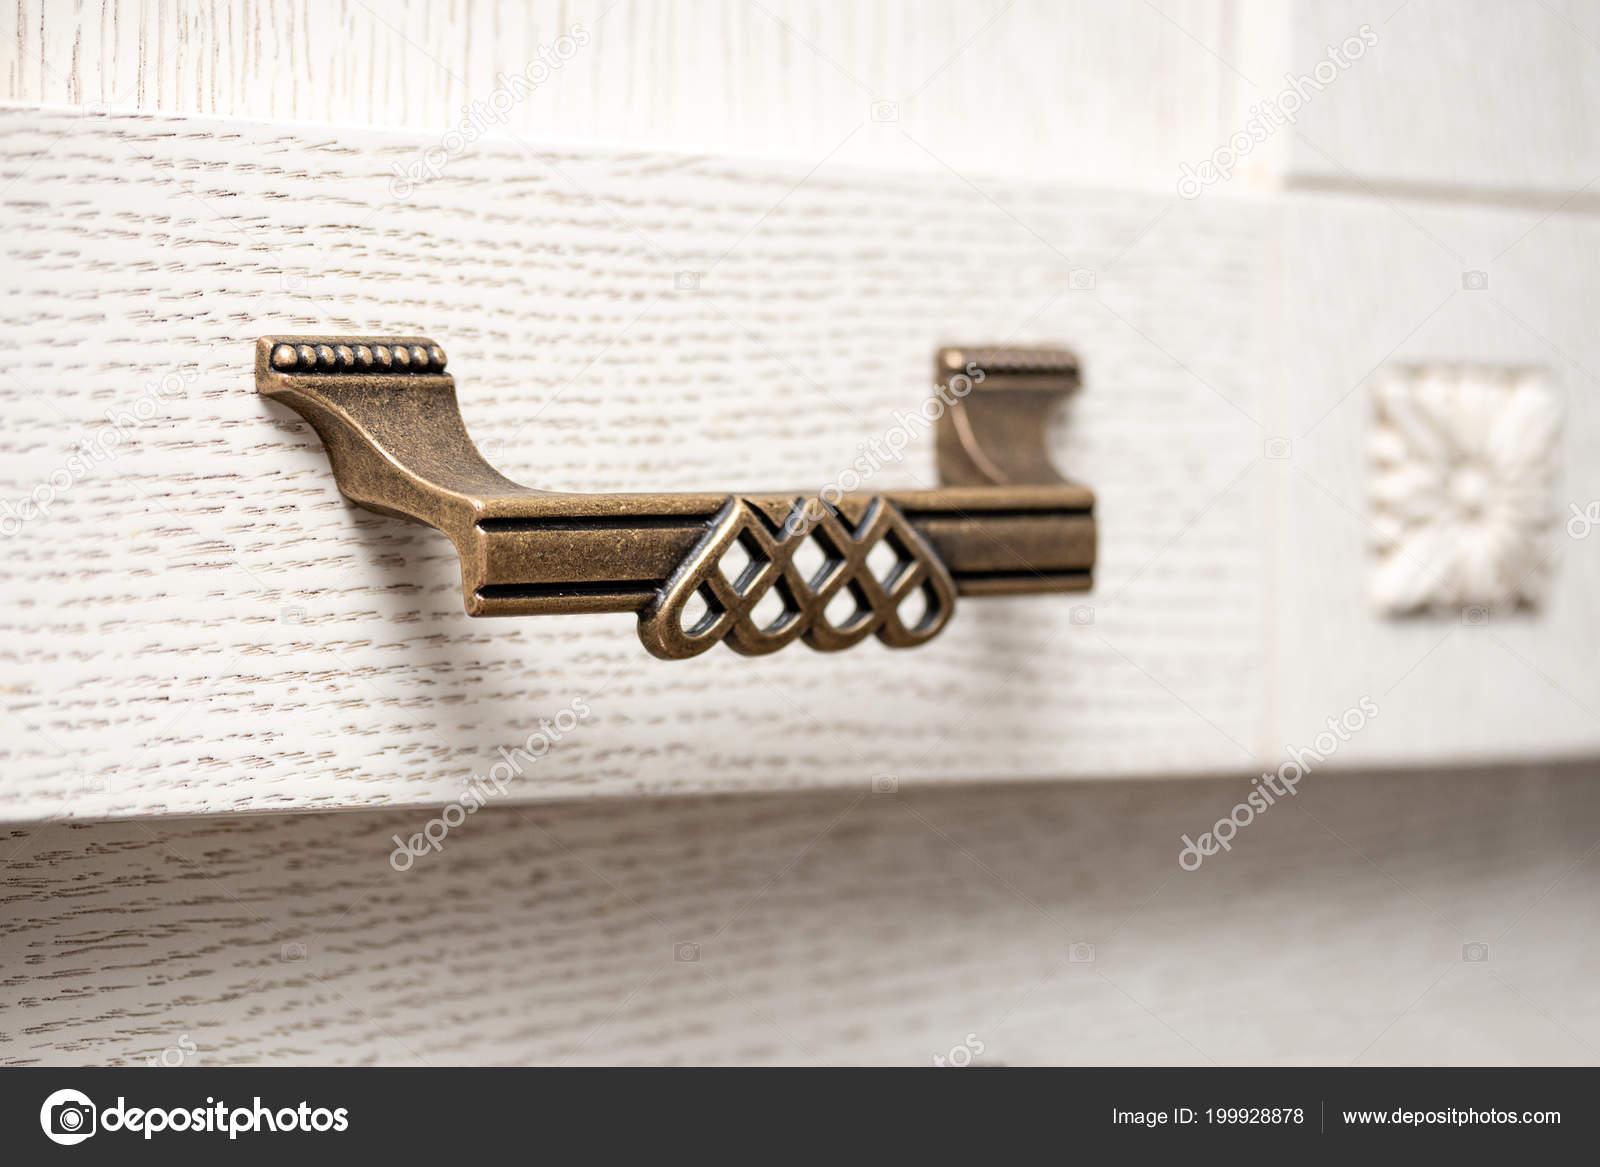 kitchen cabinet knobs compact appliances 厨柜家具细节的老式手柄 图库照片 c evpv 199928878